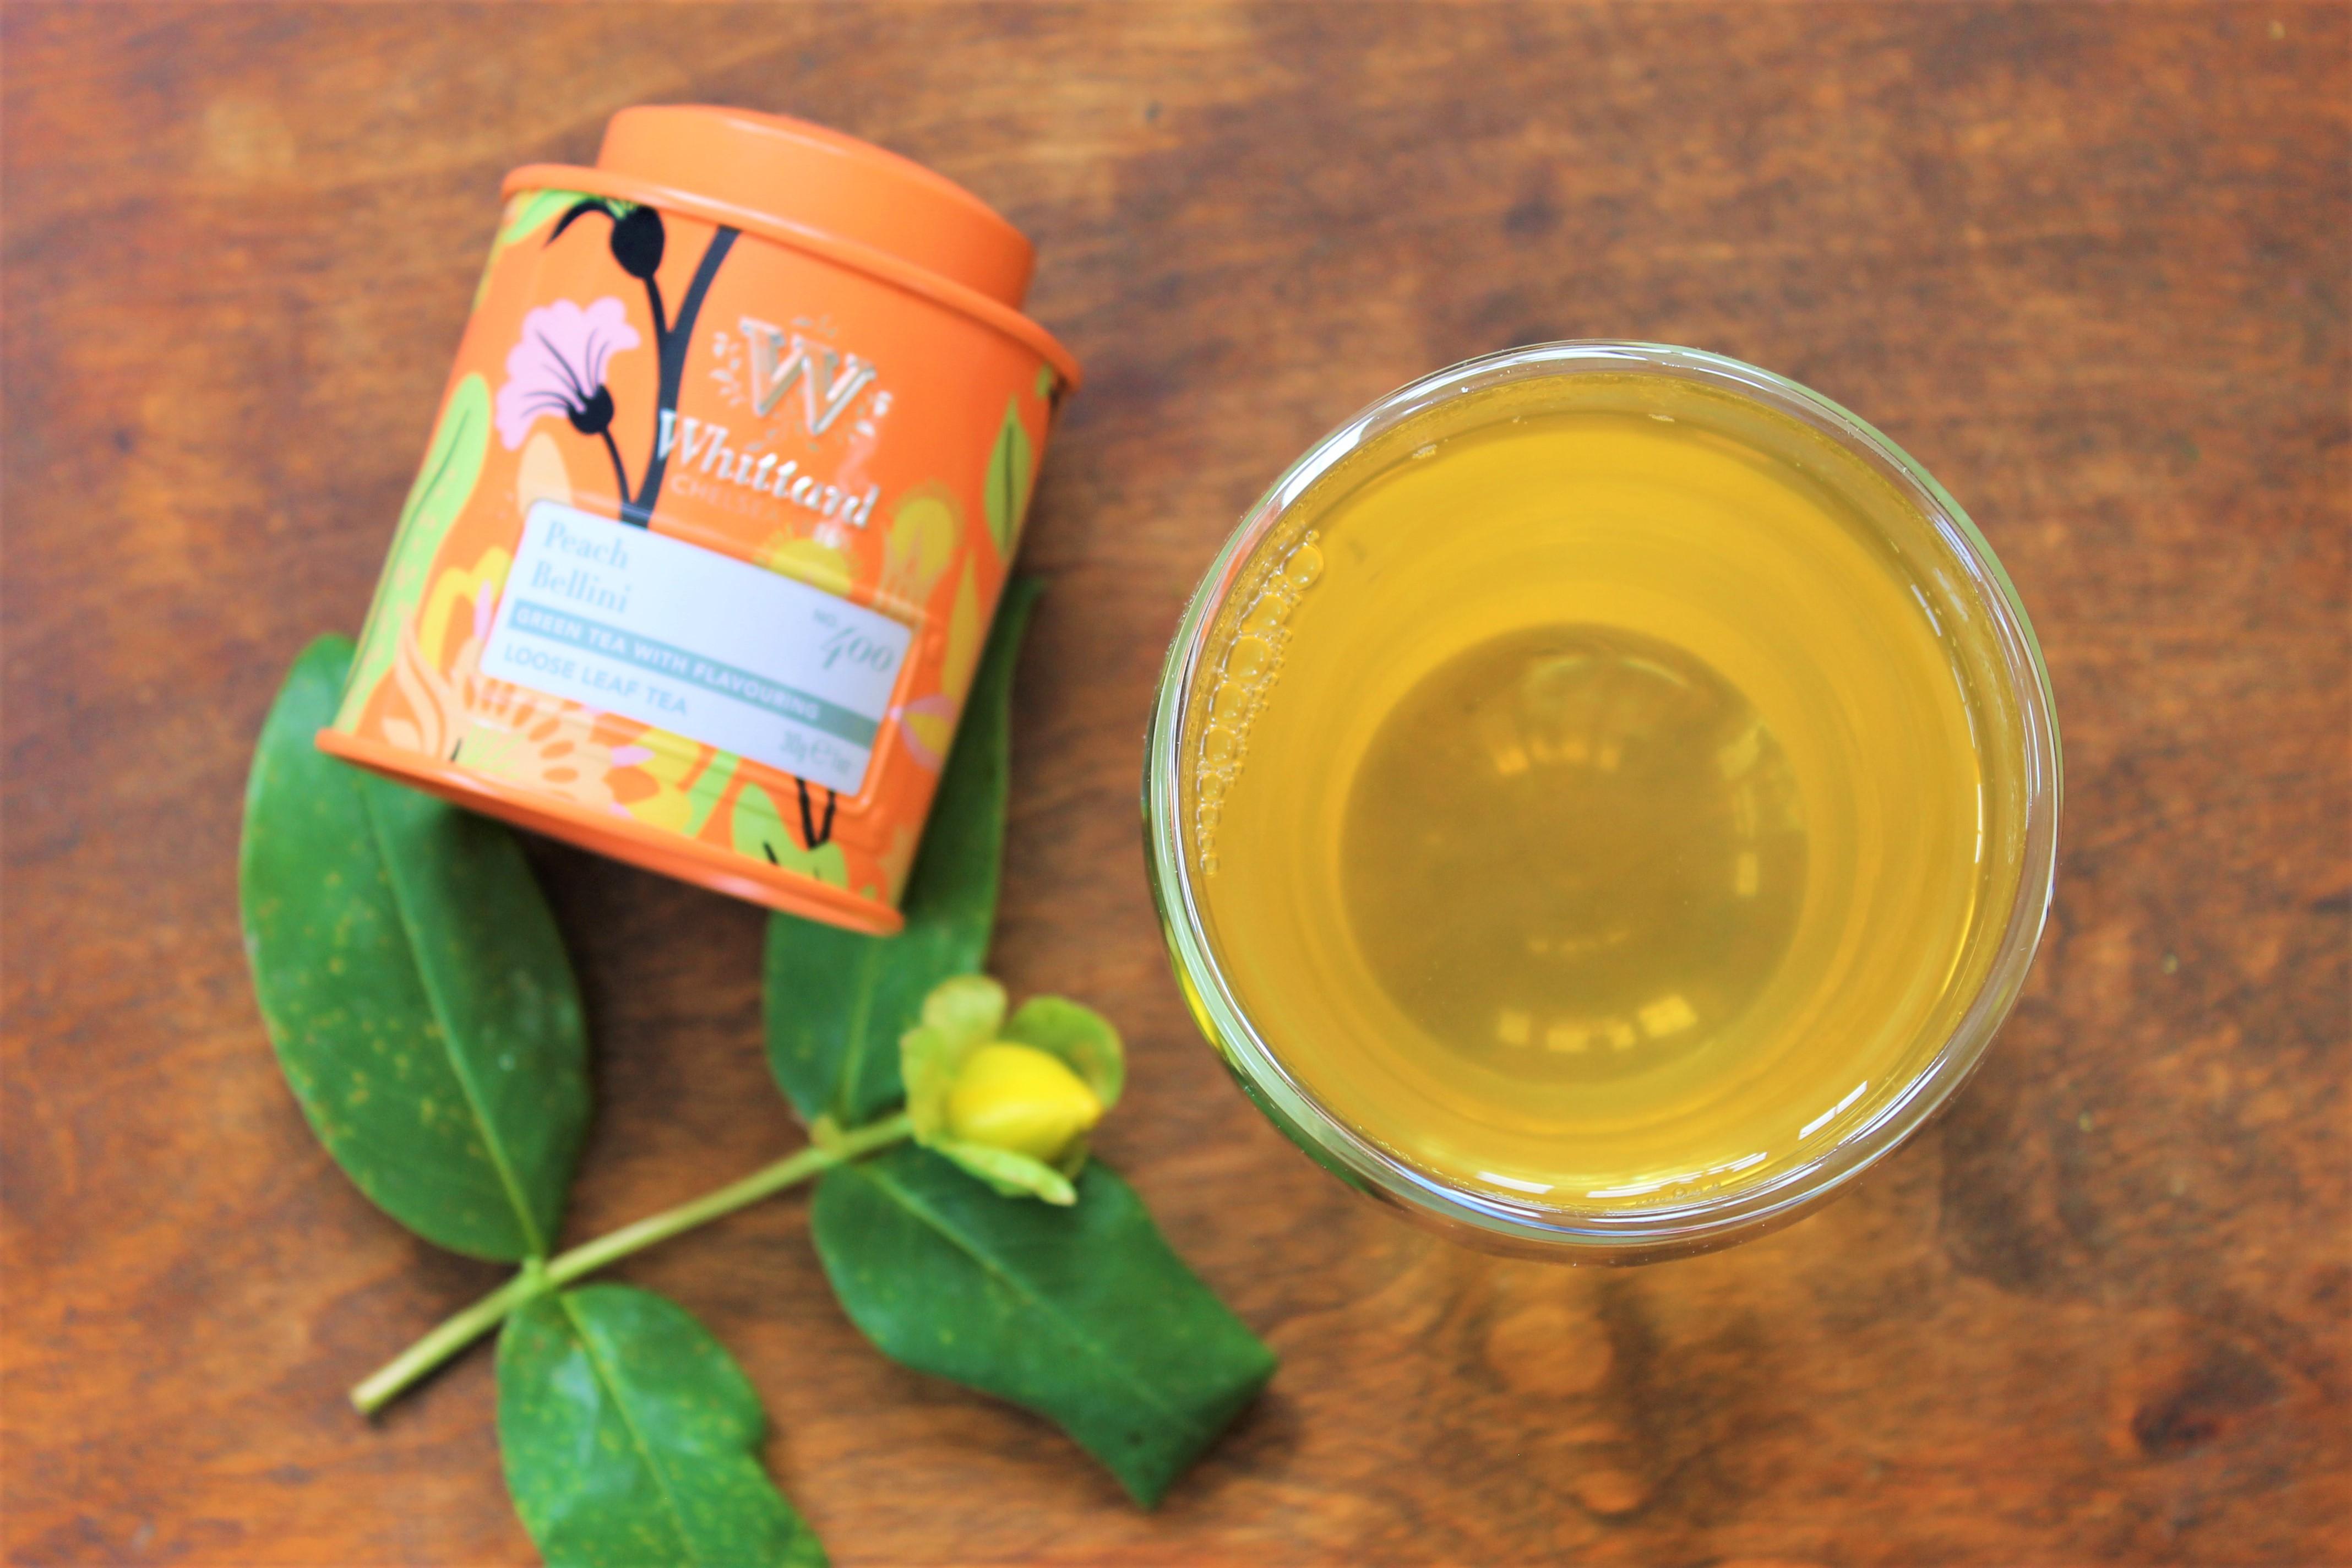 whittard peach bellini green tea review